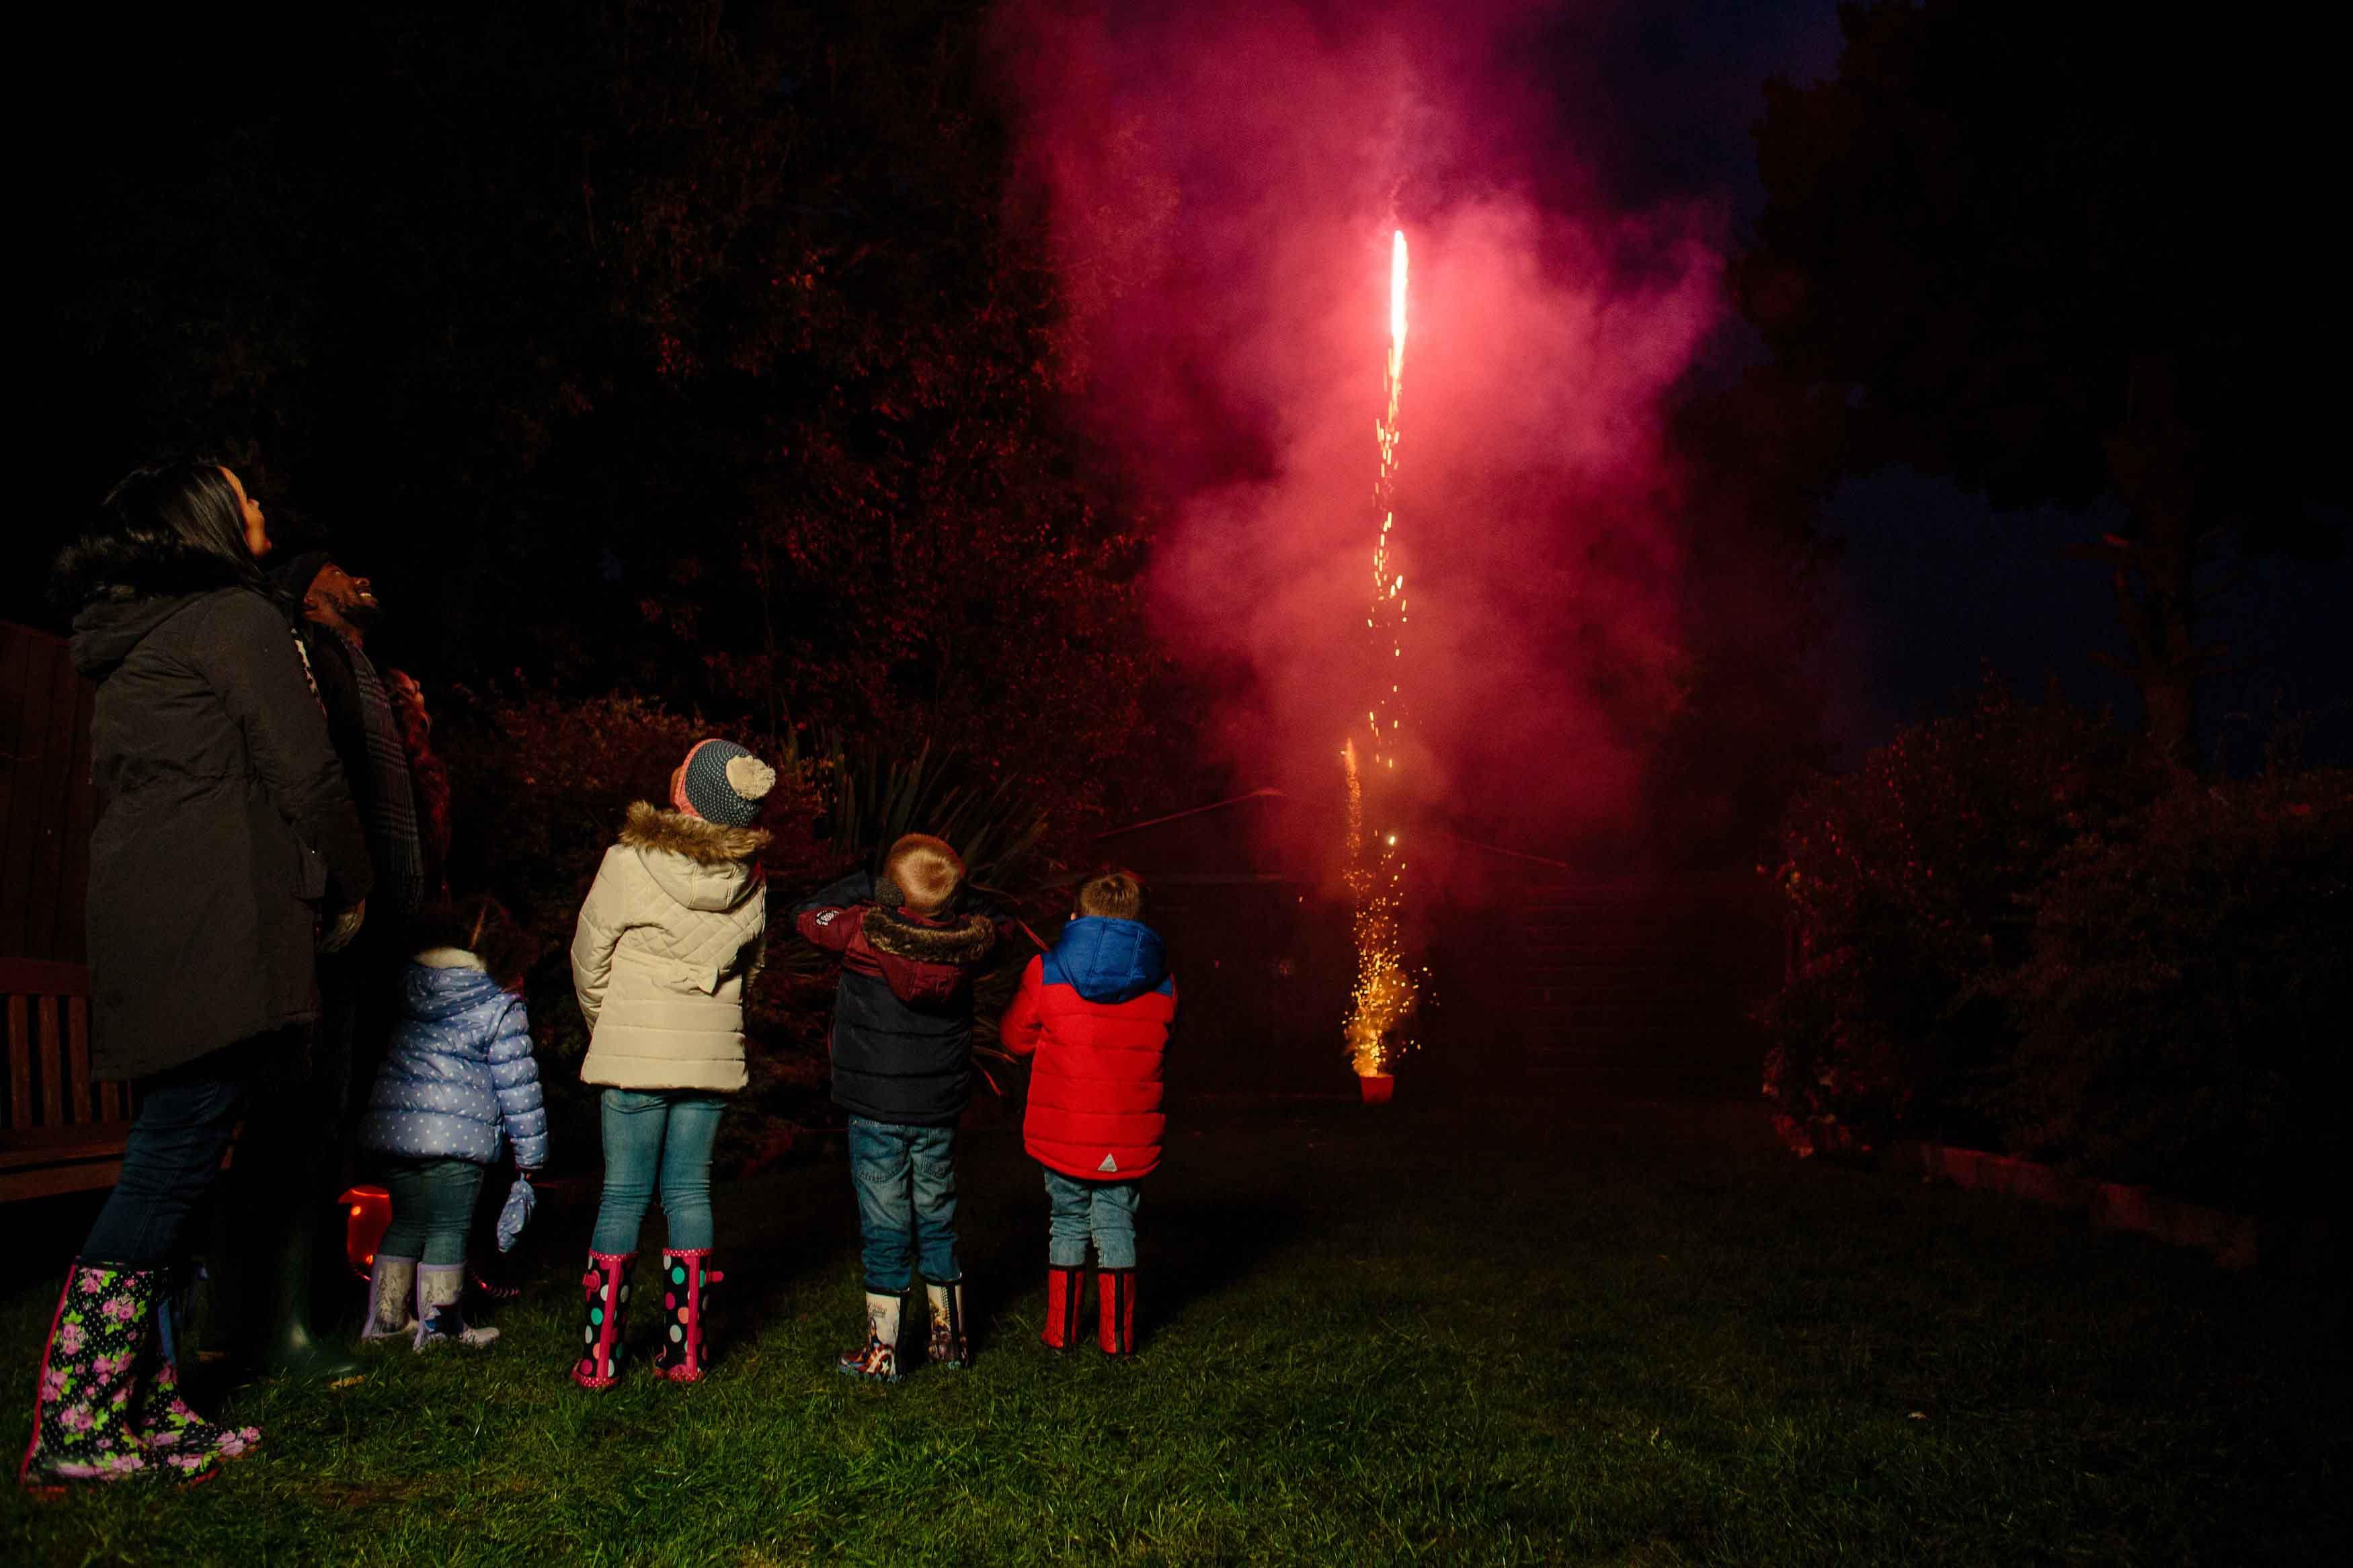 Kids watch fireworks